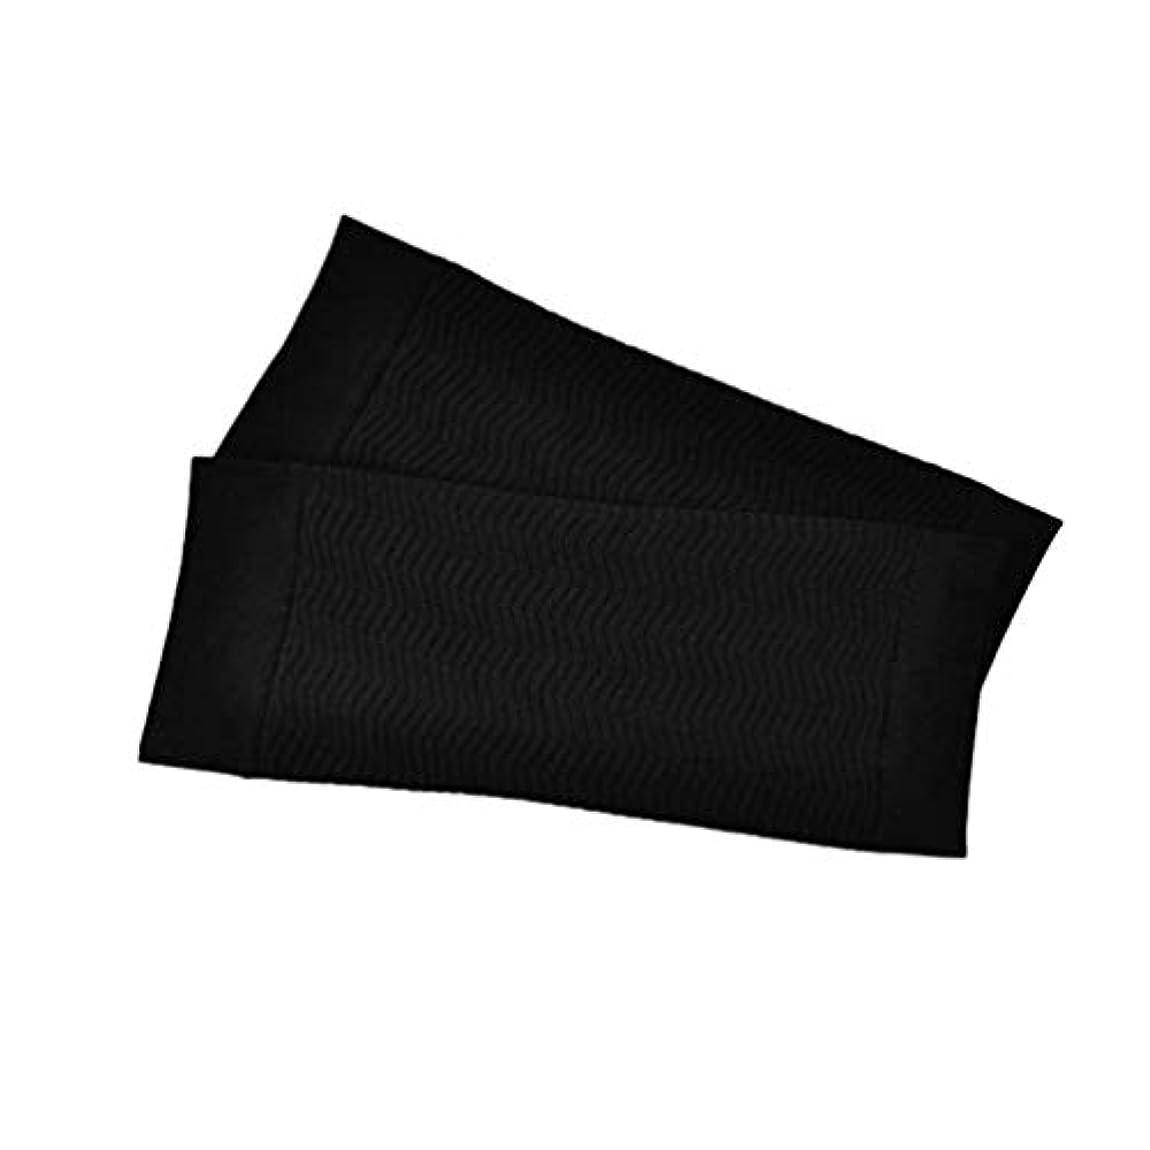 サリーアレンジアサー1ペア680 D圧縮アームシェイパーワークアウトトーニングバーンセルライトスリミングアームスリーブ脂肪燃焼半袖用女性 - ブラック